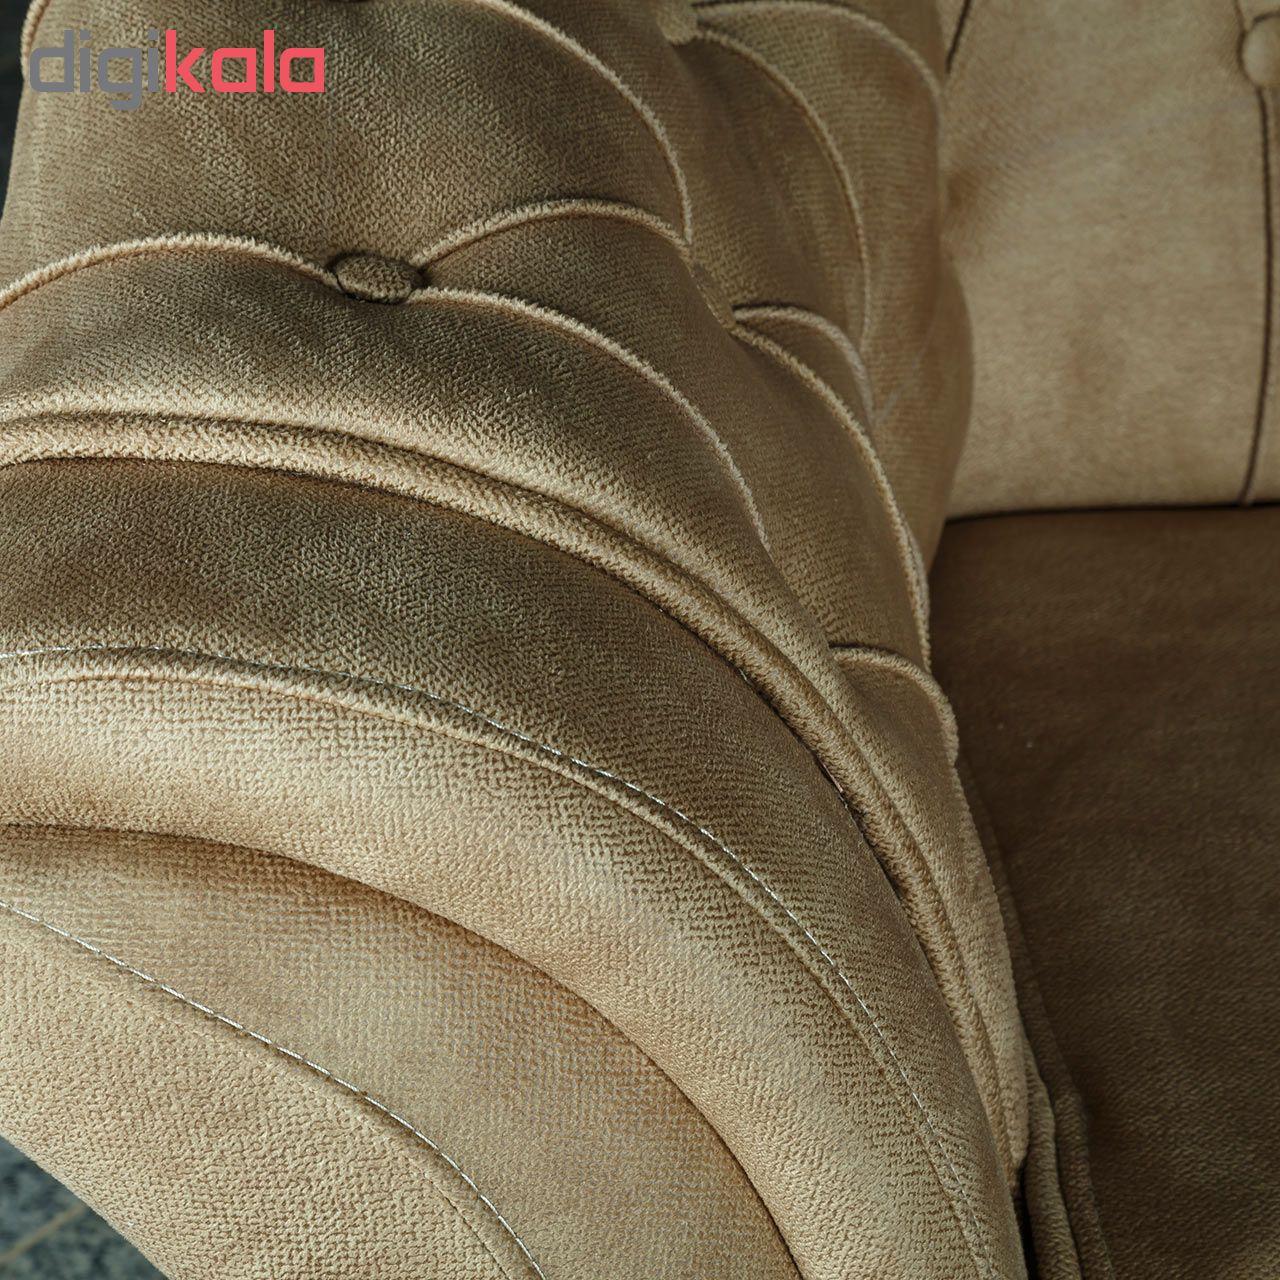 قیمت                      مبل راحتی سه نفره چشمه نور کد MA-411.3-BR-N